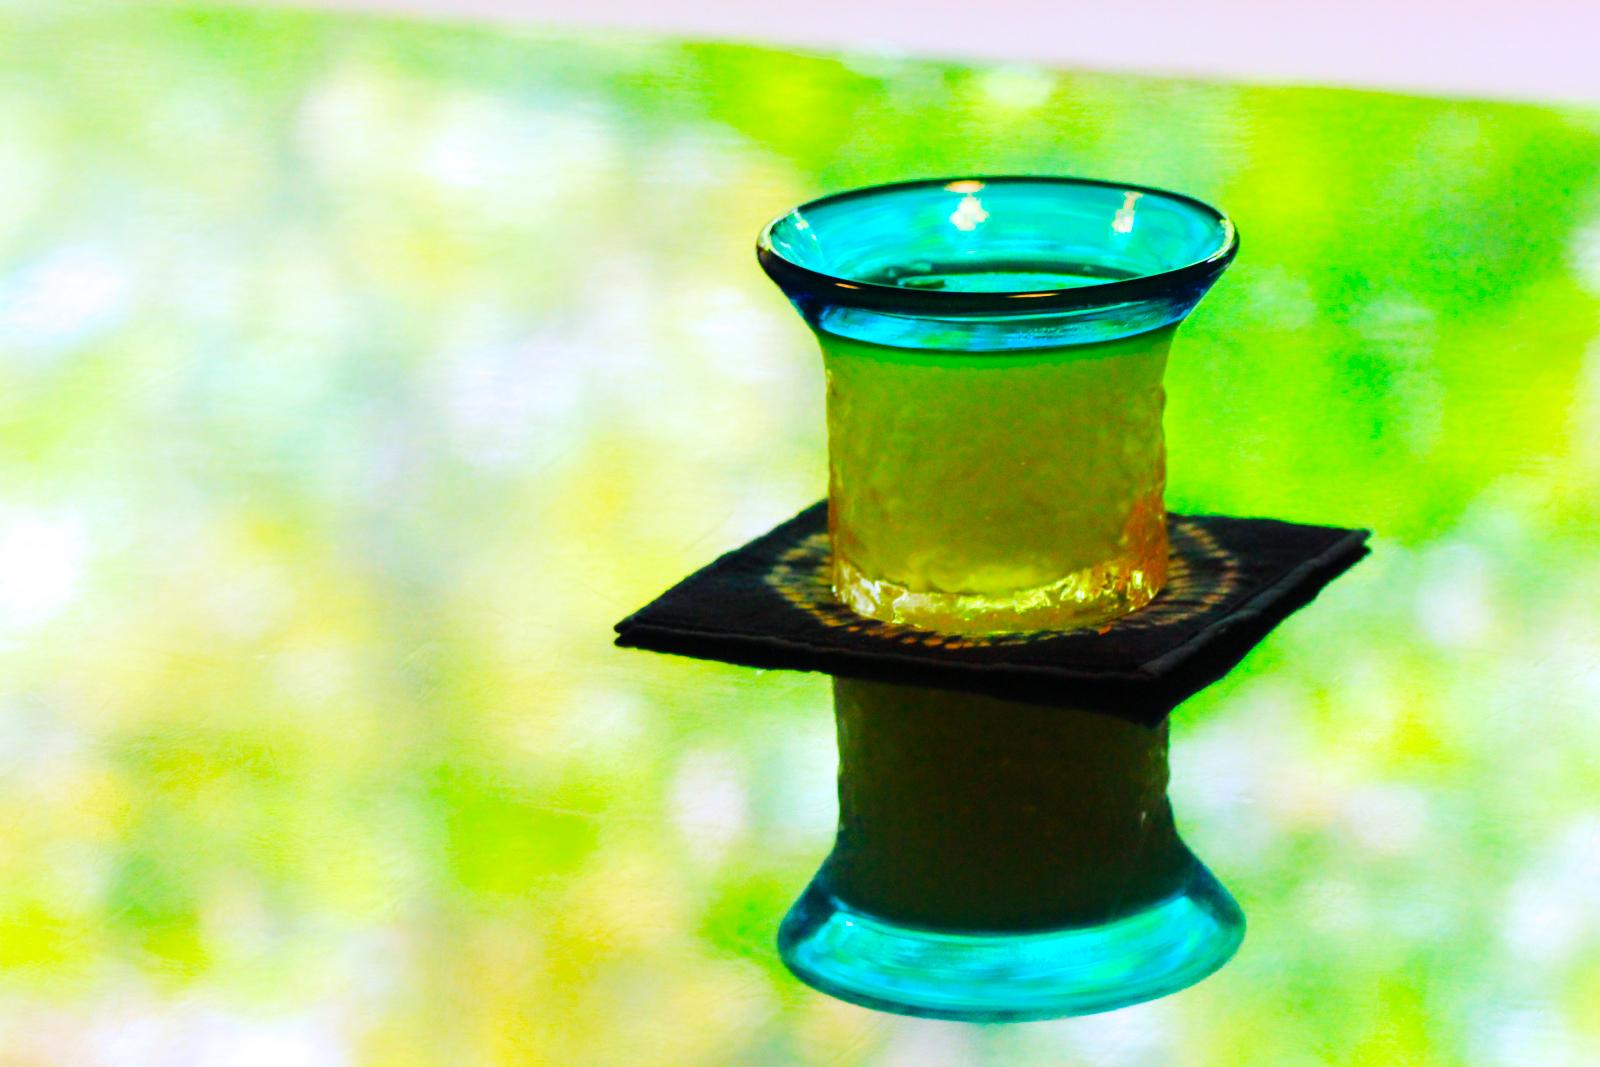 20160626【和Cafe Event】≪満員御礼♪≫表参道「茶茶の間」さんでの第一回お茶会が無事に終了致しました!